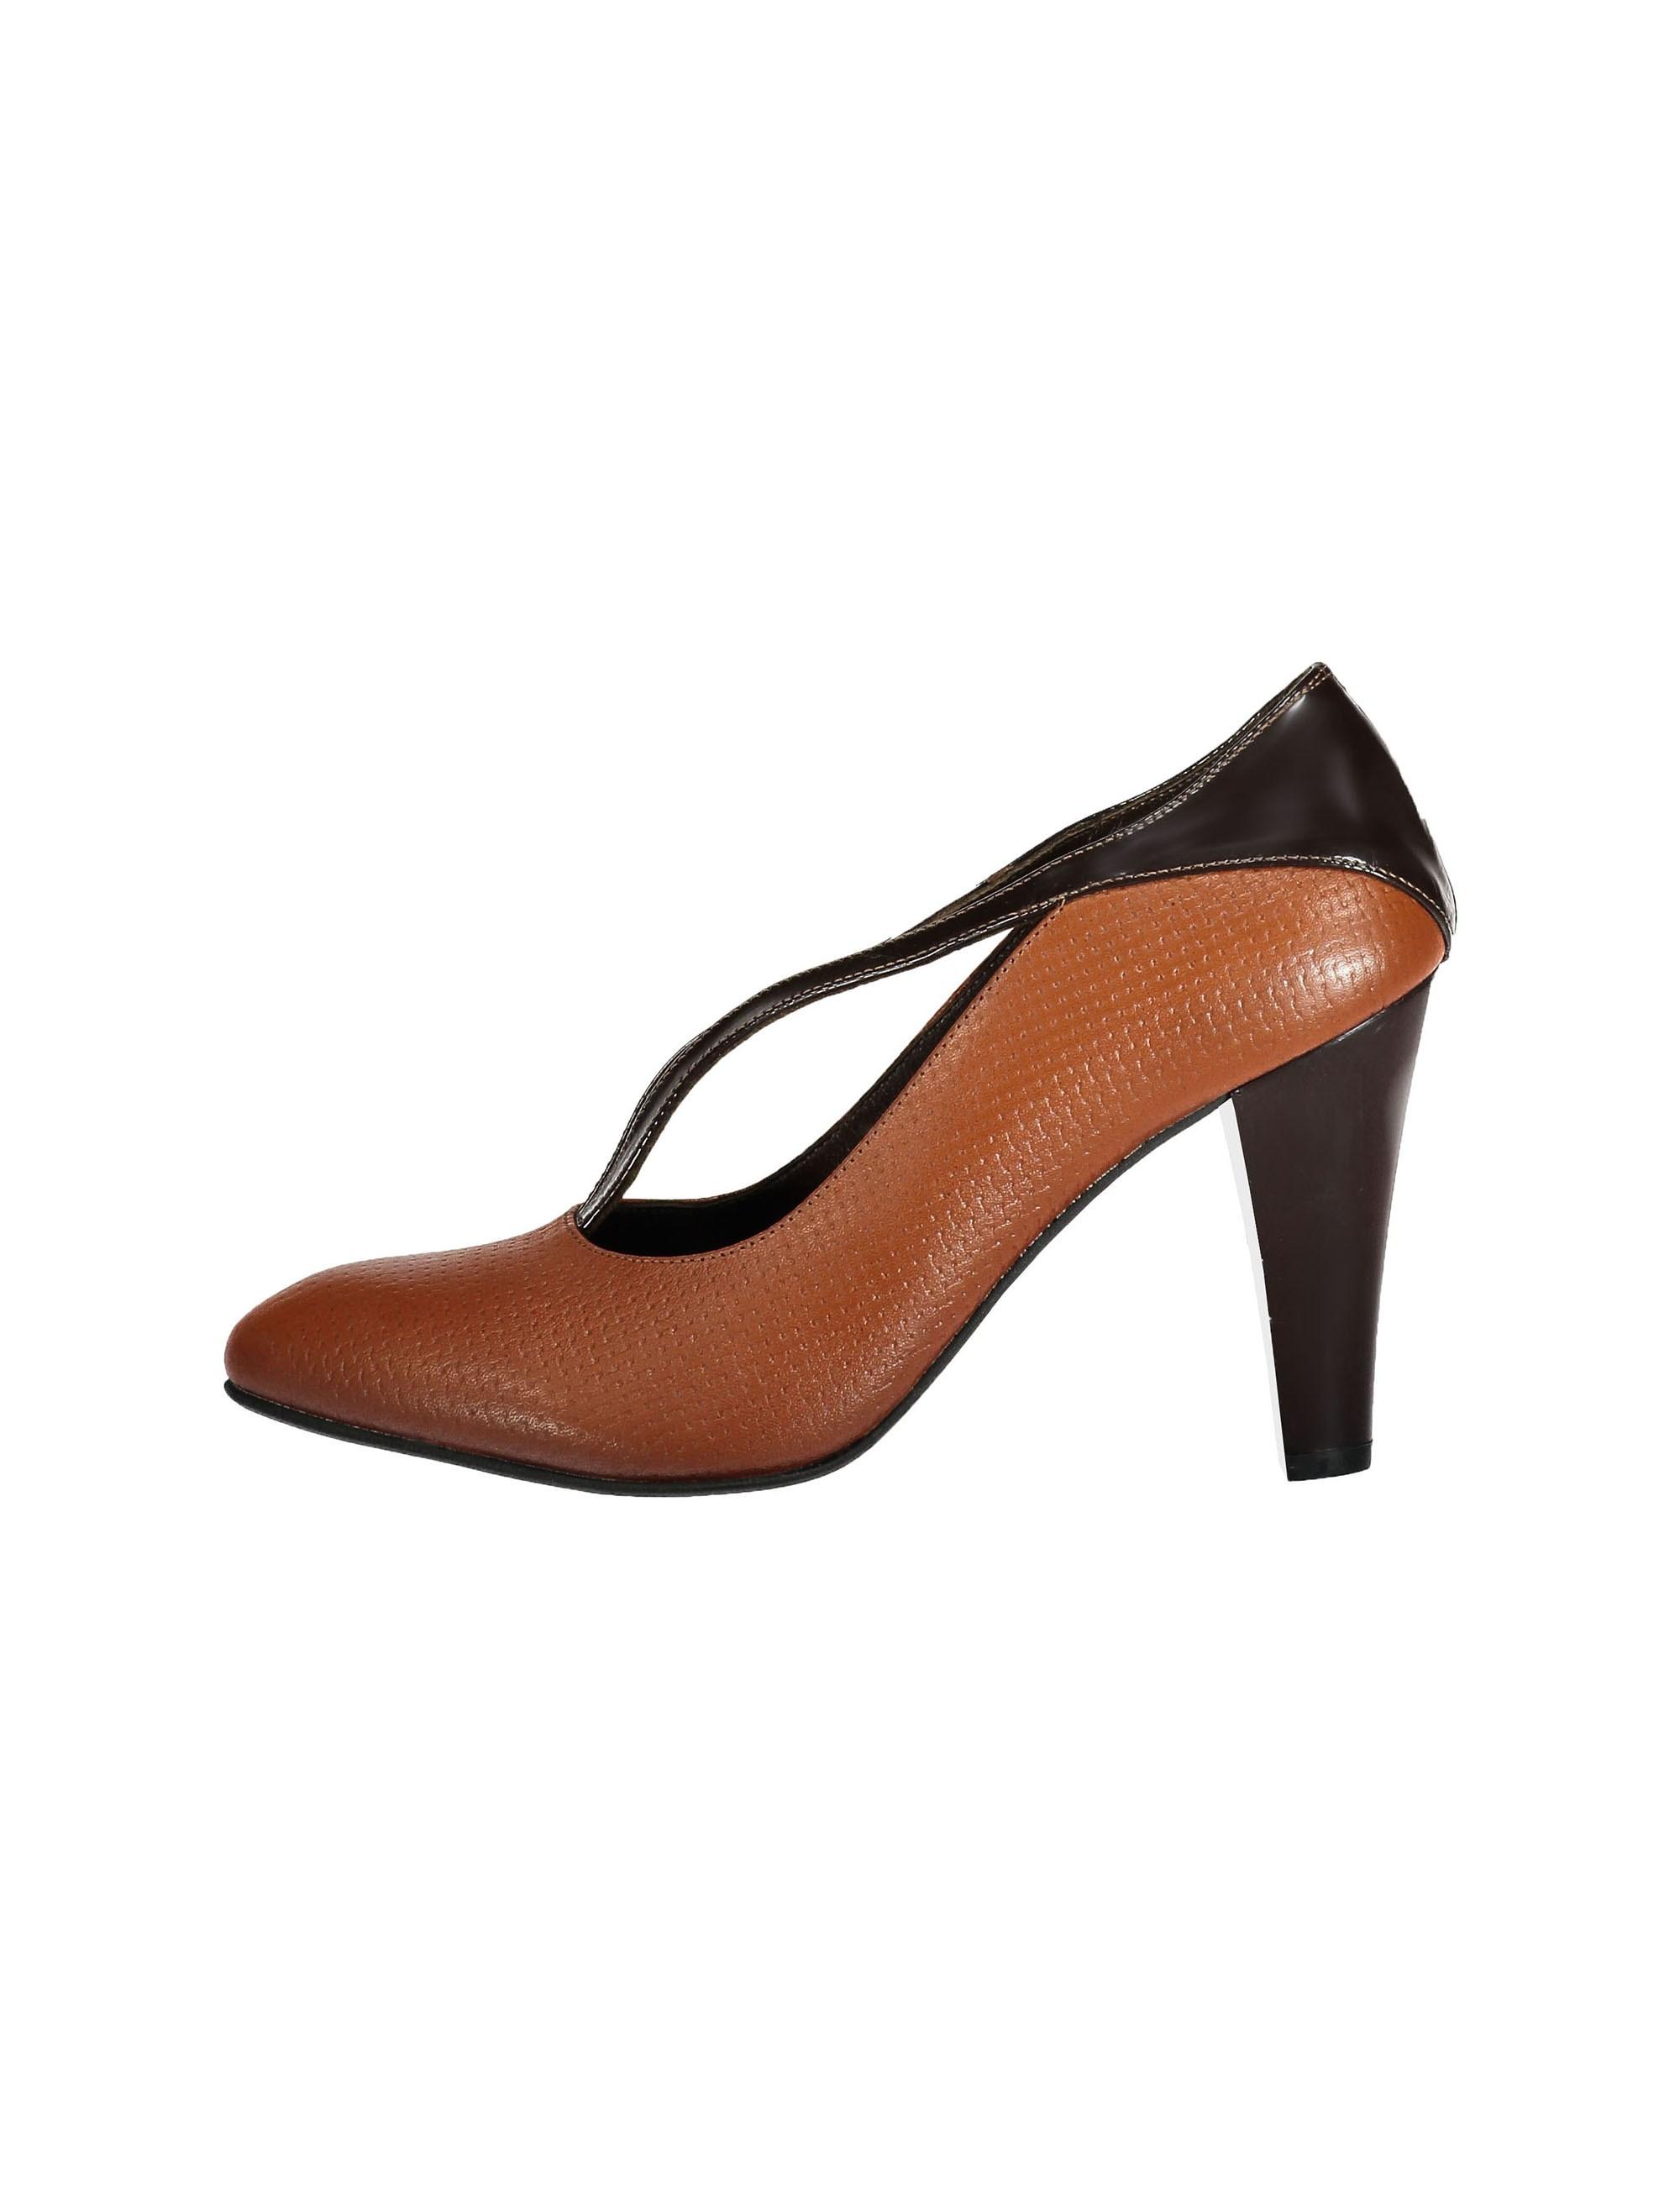 کفش پاشنه بلند چرم زنانه - قهوه اي و عسلي - 2